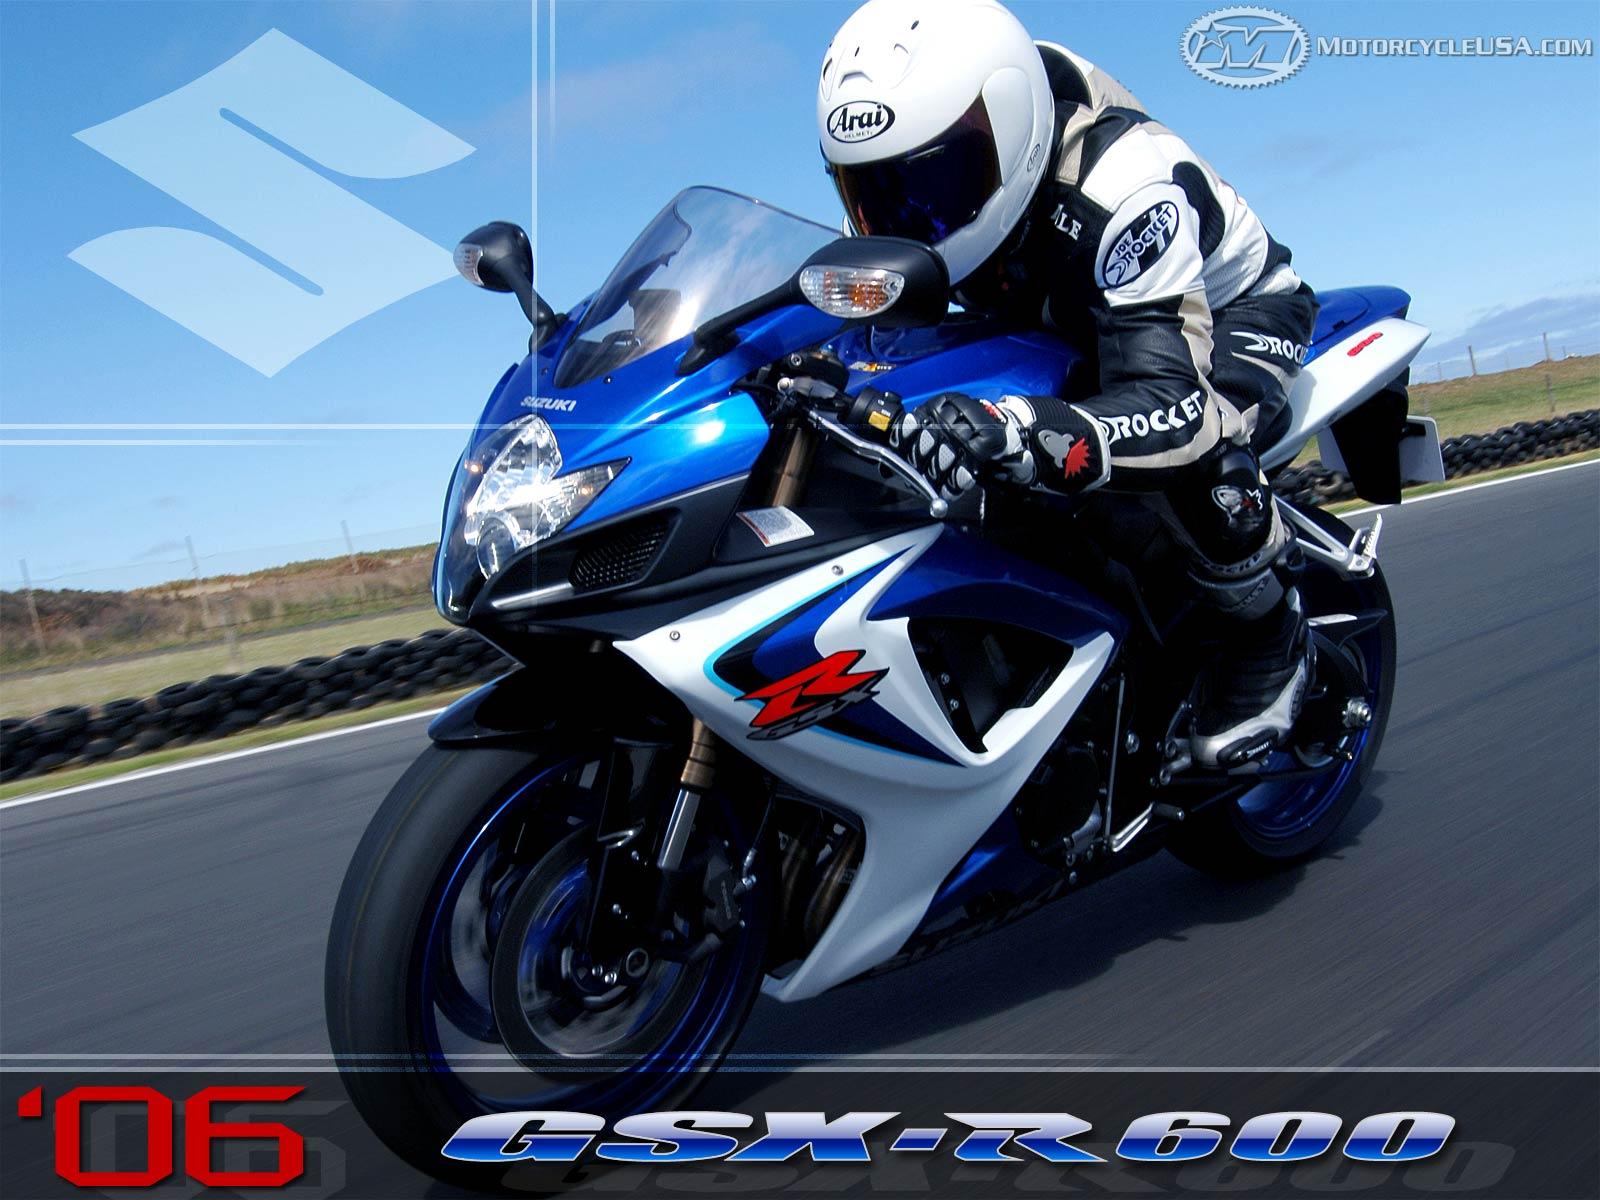 Suzuki Gsxr 600 Wallpaper 1600x1200